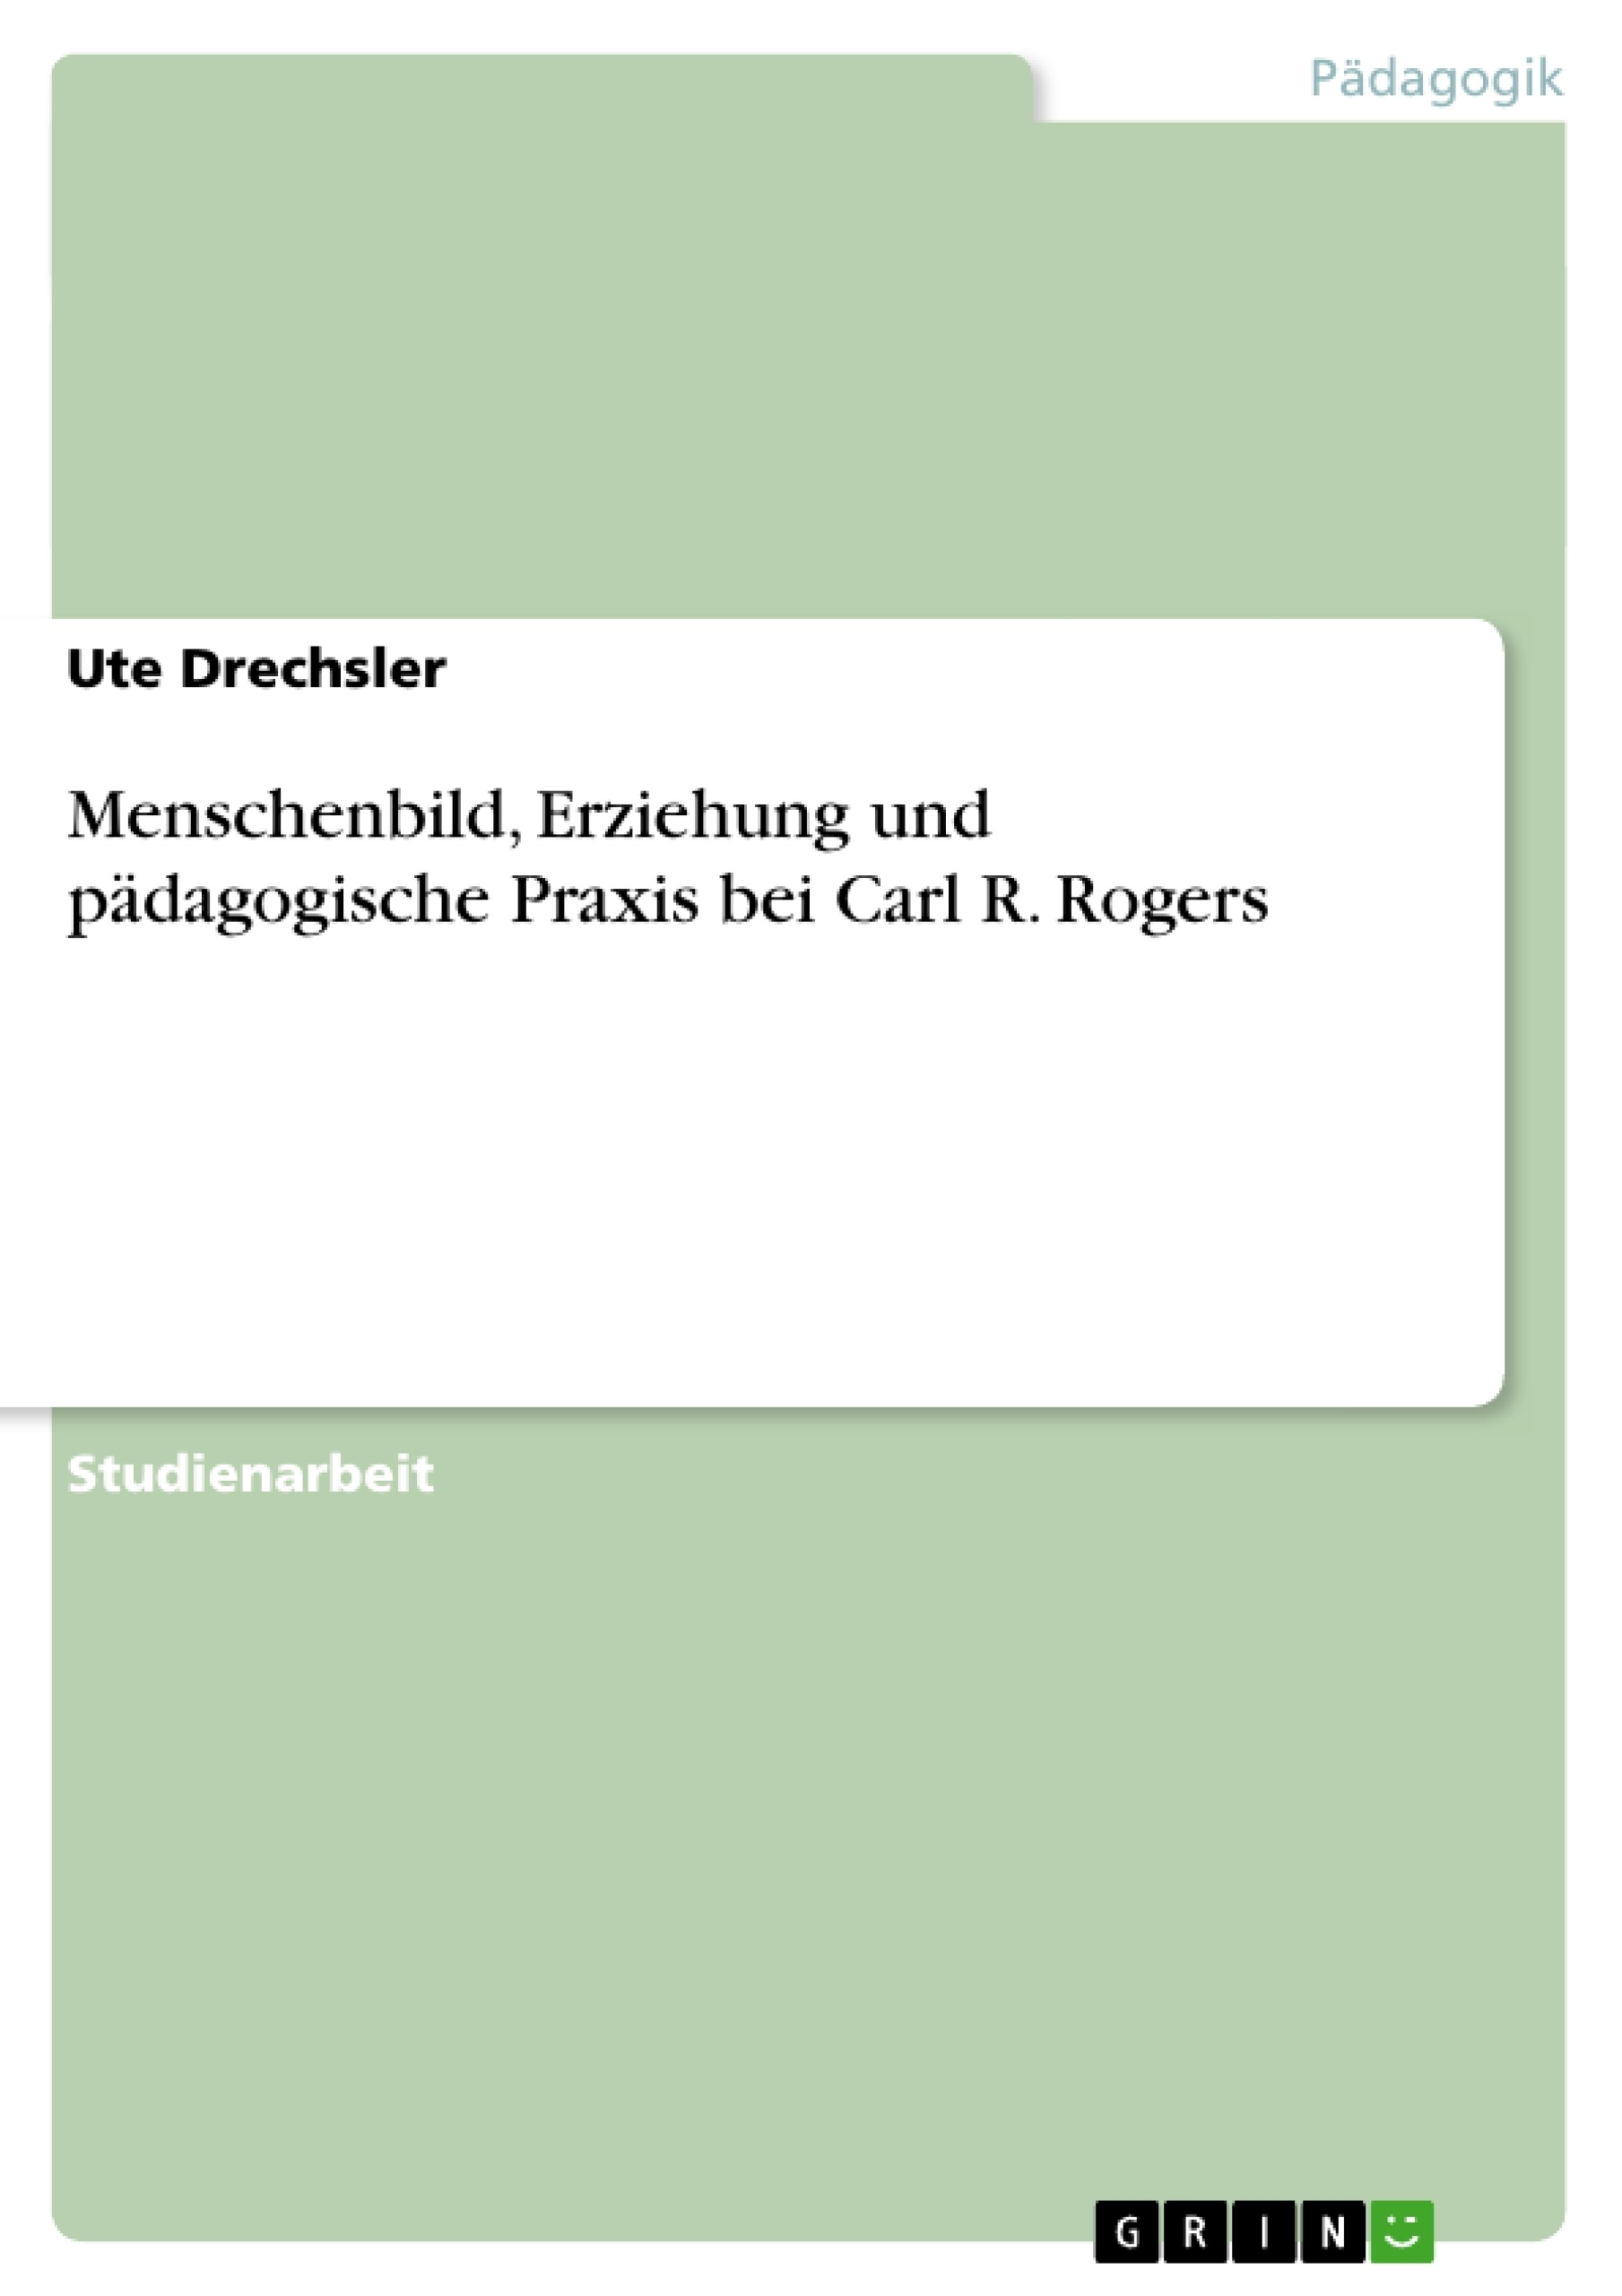 Titel: Menschenbild, Erziehung und pädagogische Praxis bei Carl R. Rogers